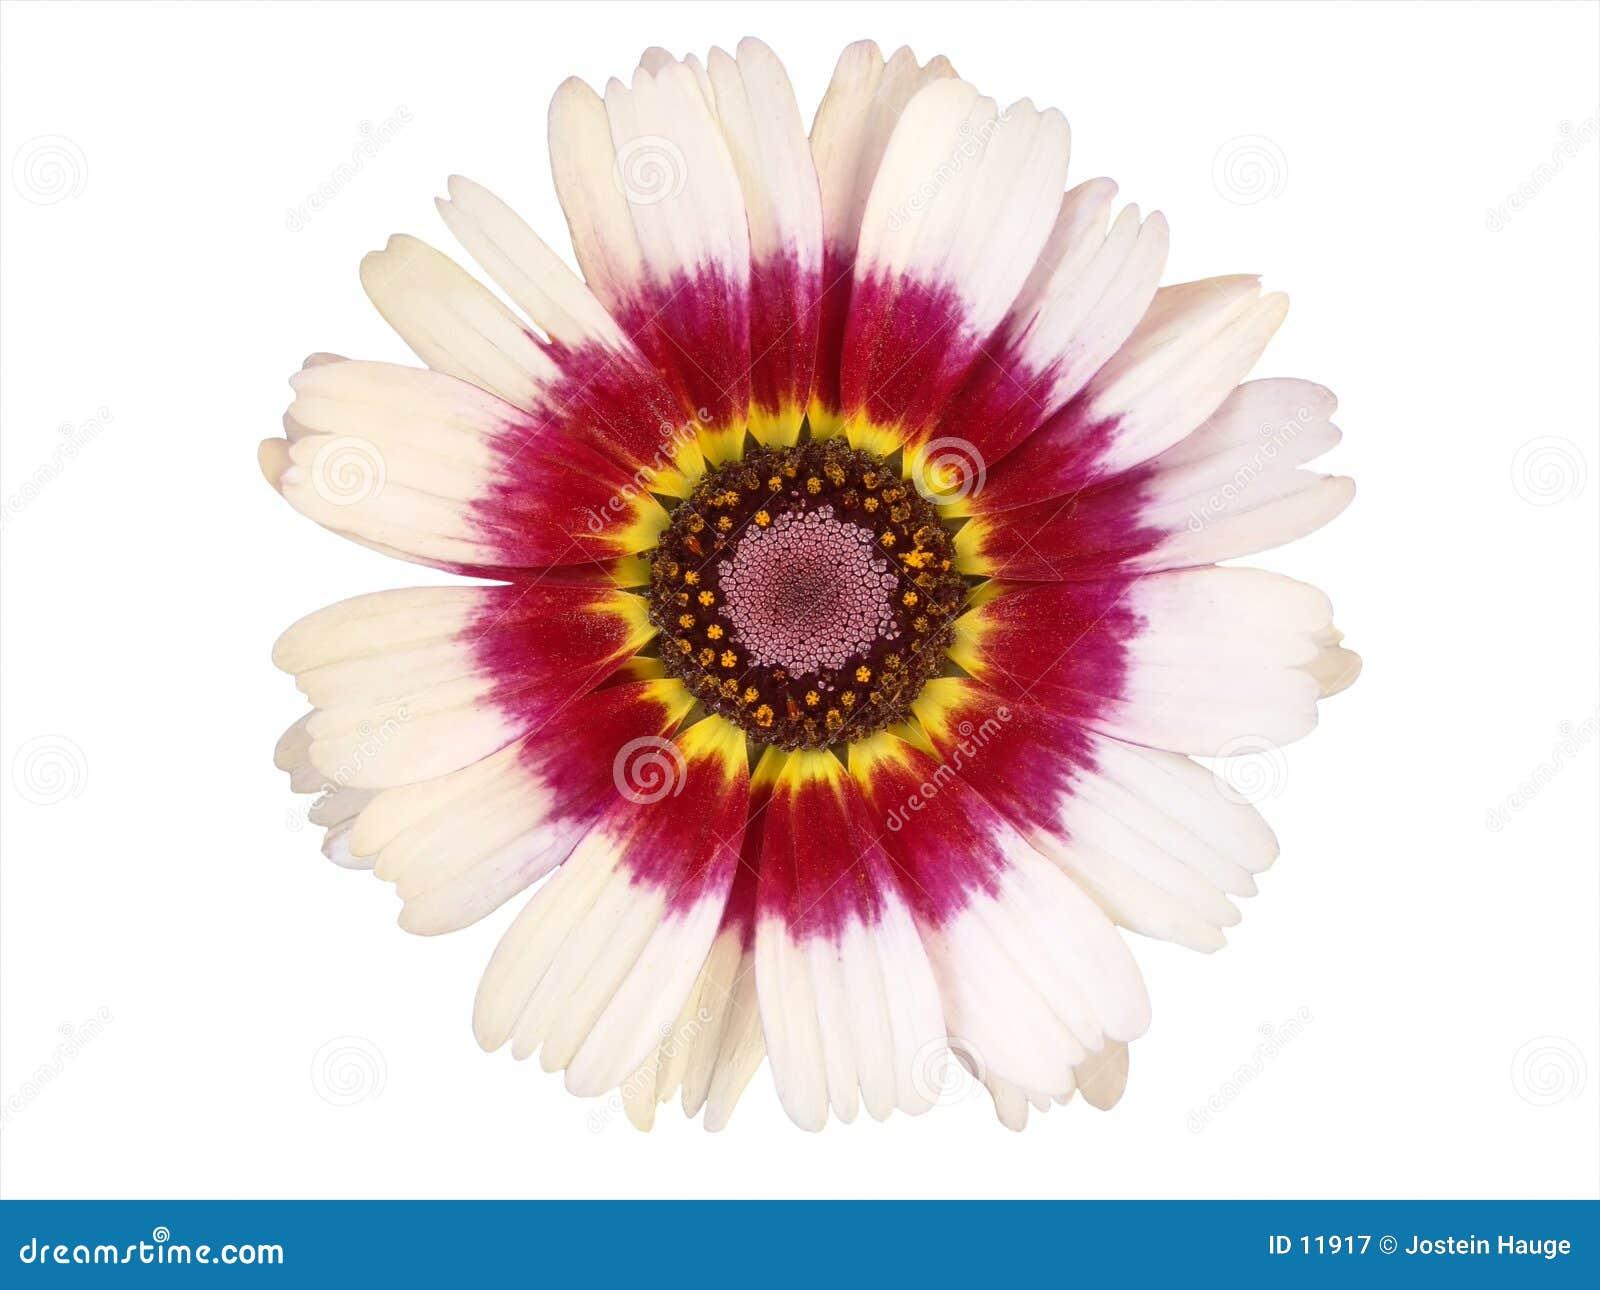 Elementi di disegno: Testa di fiore variopinta